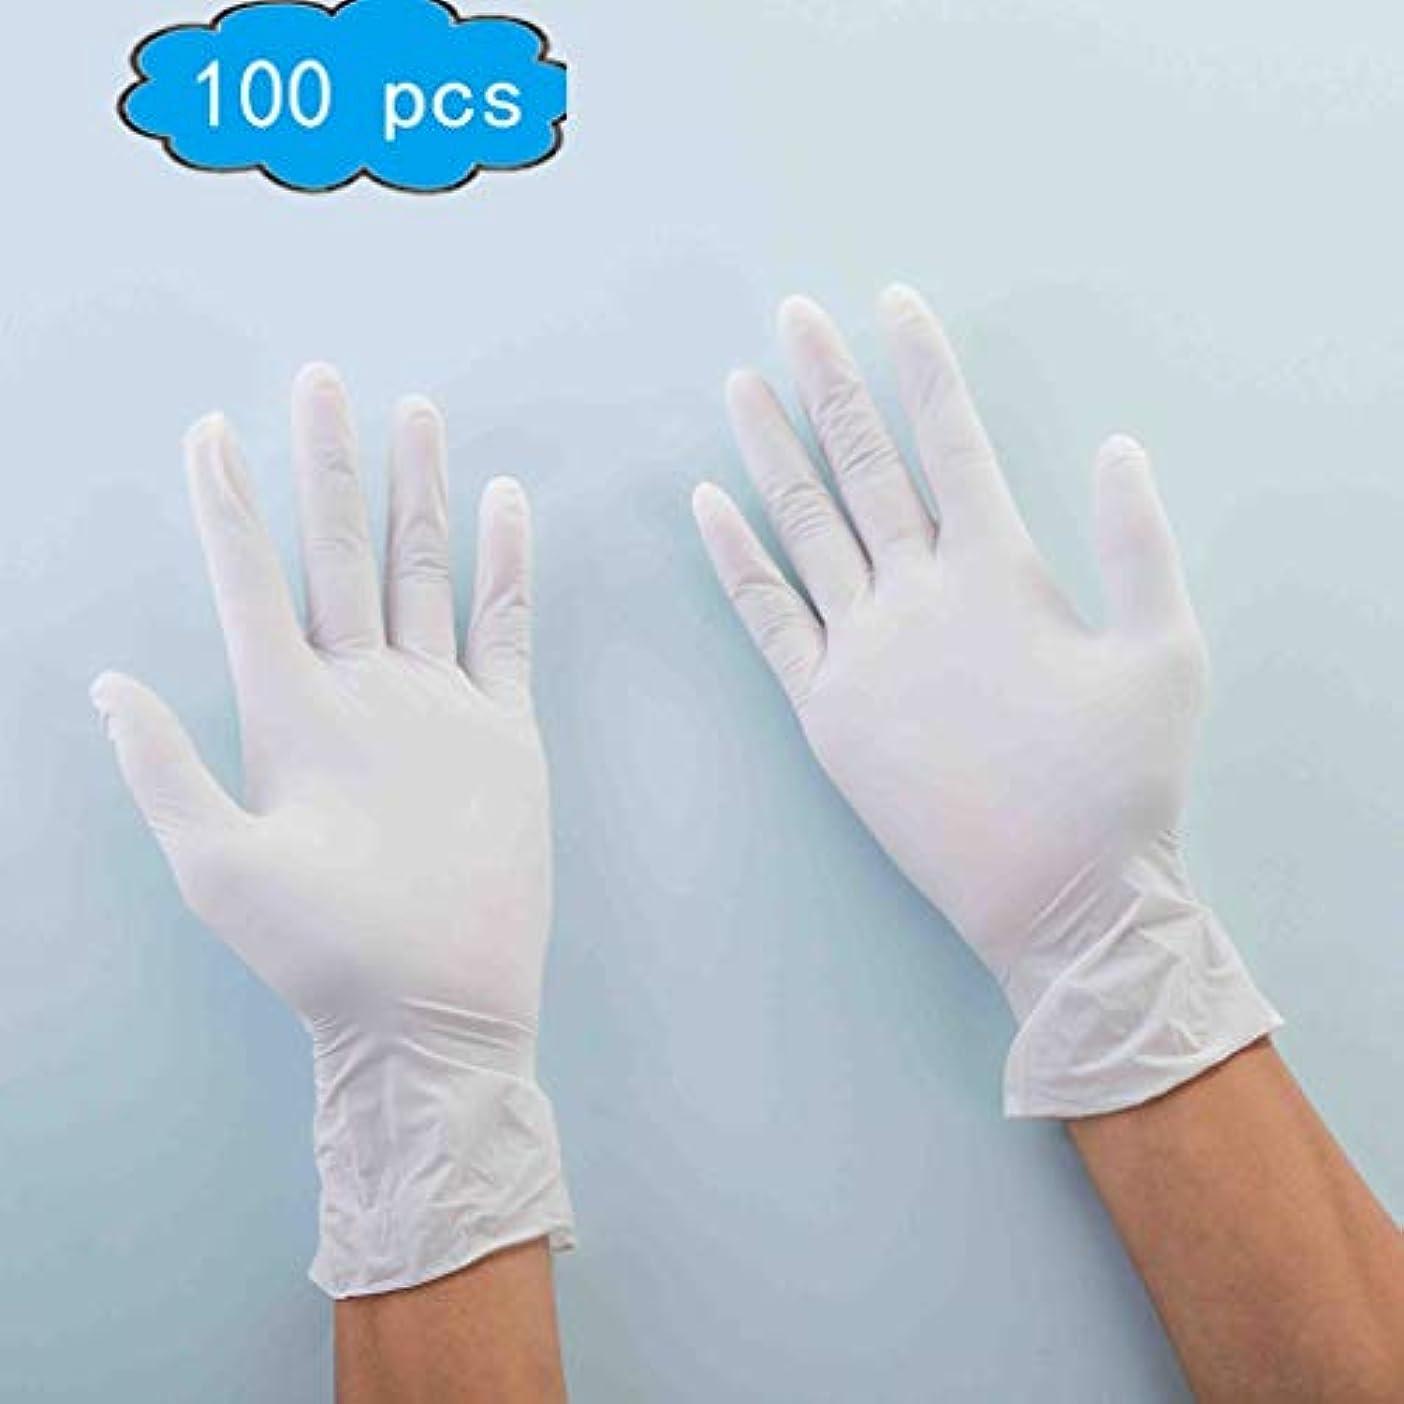 前任者強打置くためにパック使い捨て手袋 - 白、厚めのバージョン、ニトリル手袋、パウダーフリー、試験、無菌、中、100箱、手と腕の保護 (Color : White, Size : L)